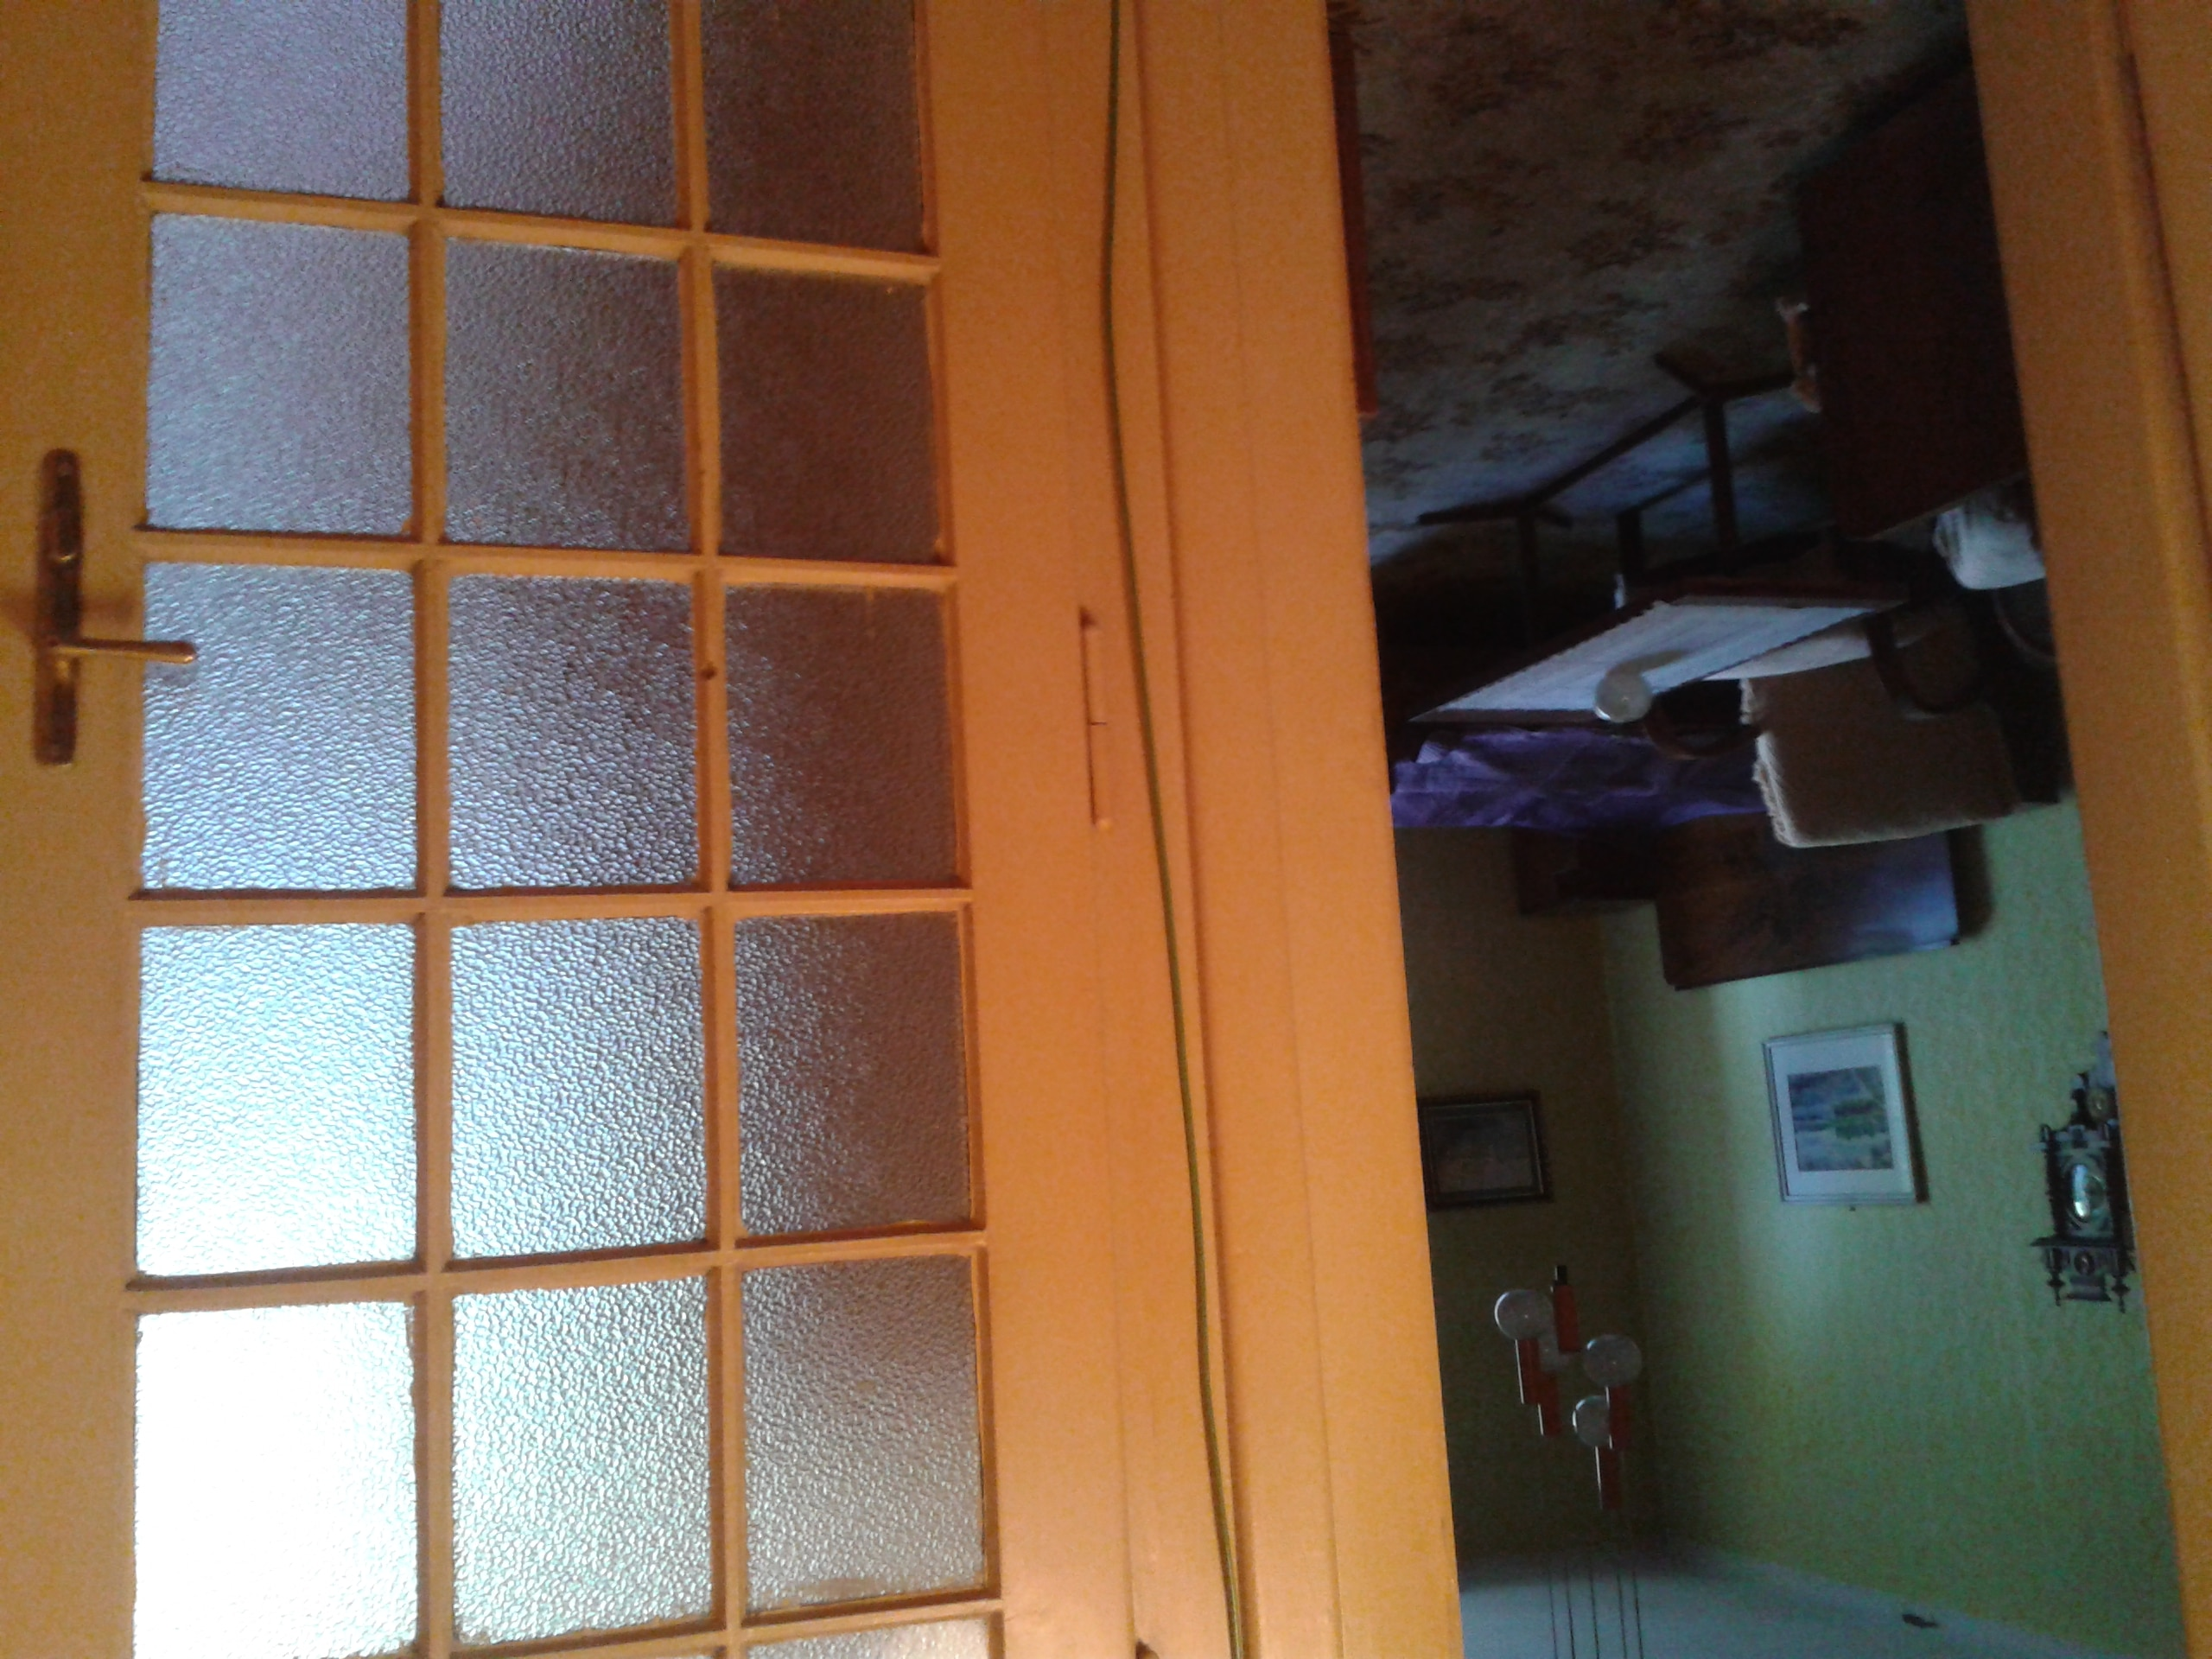 למכירה דירת 2 חדרים בשכונת ז'יז'קוב בפראג11 (8)